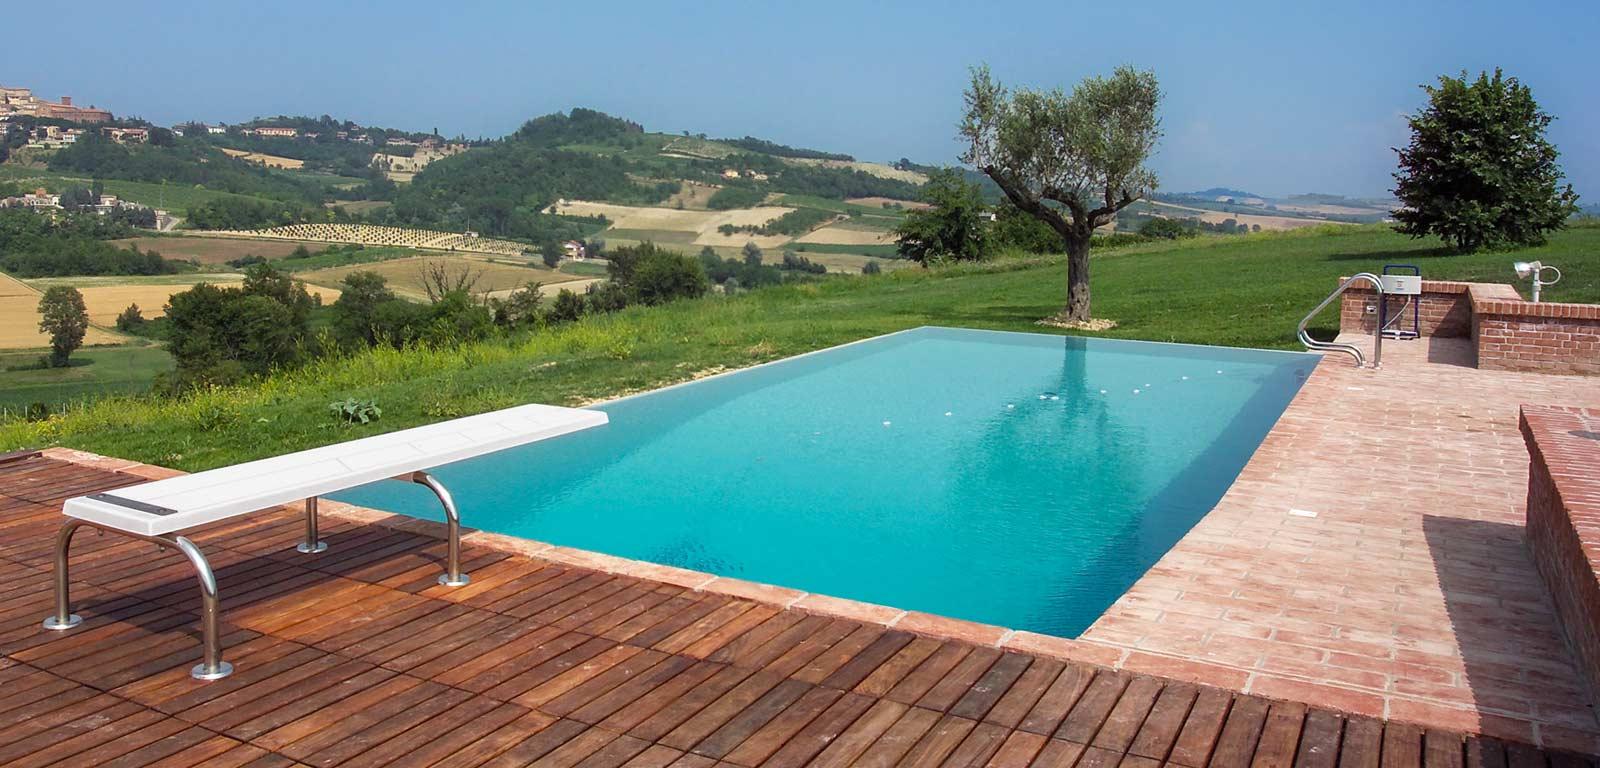 Piscina online prodotti per piscine online idee di - Comprar piscina prefabricada ...